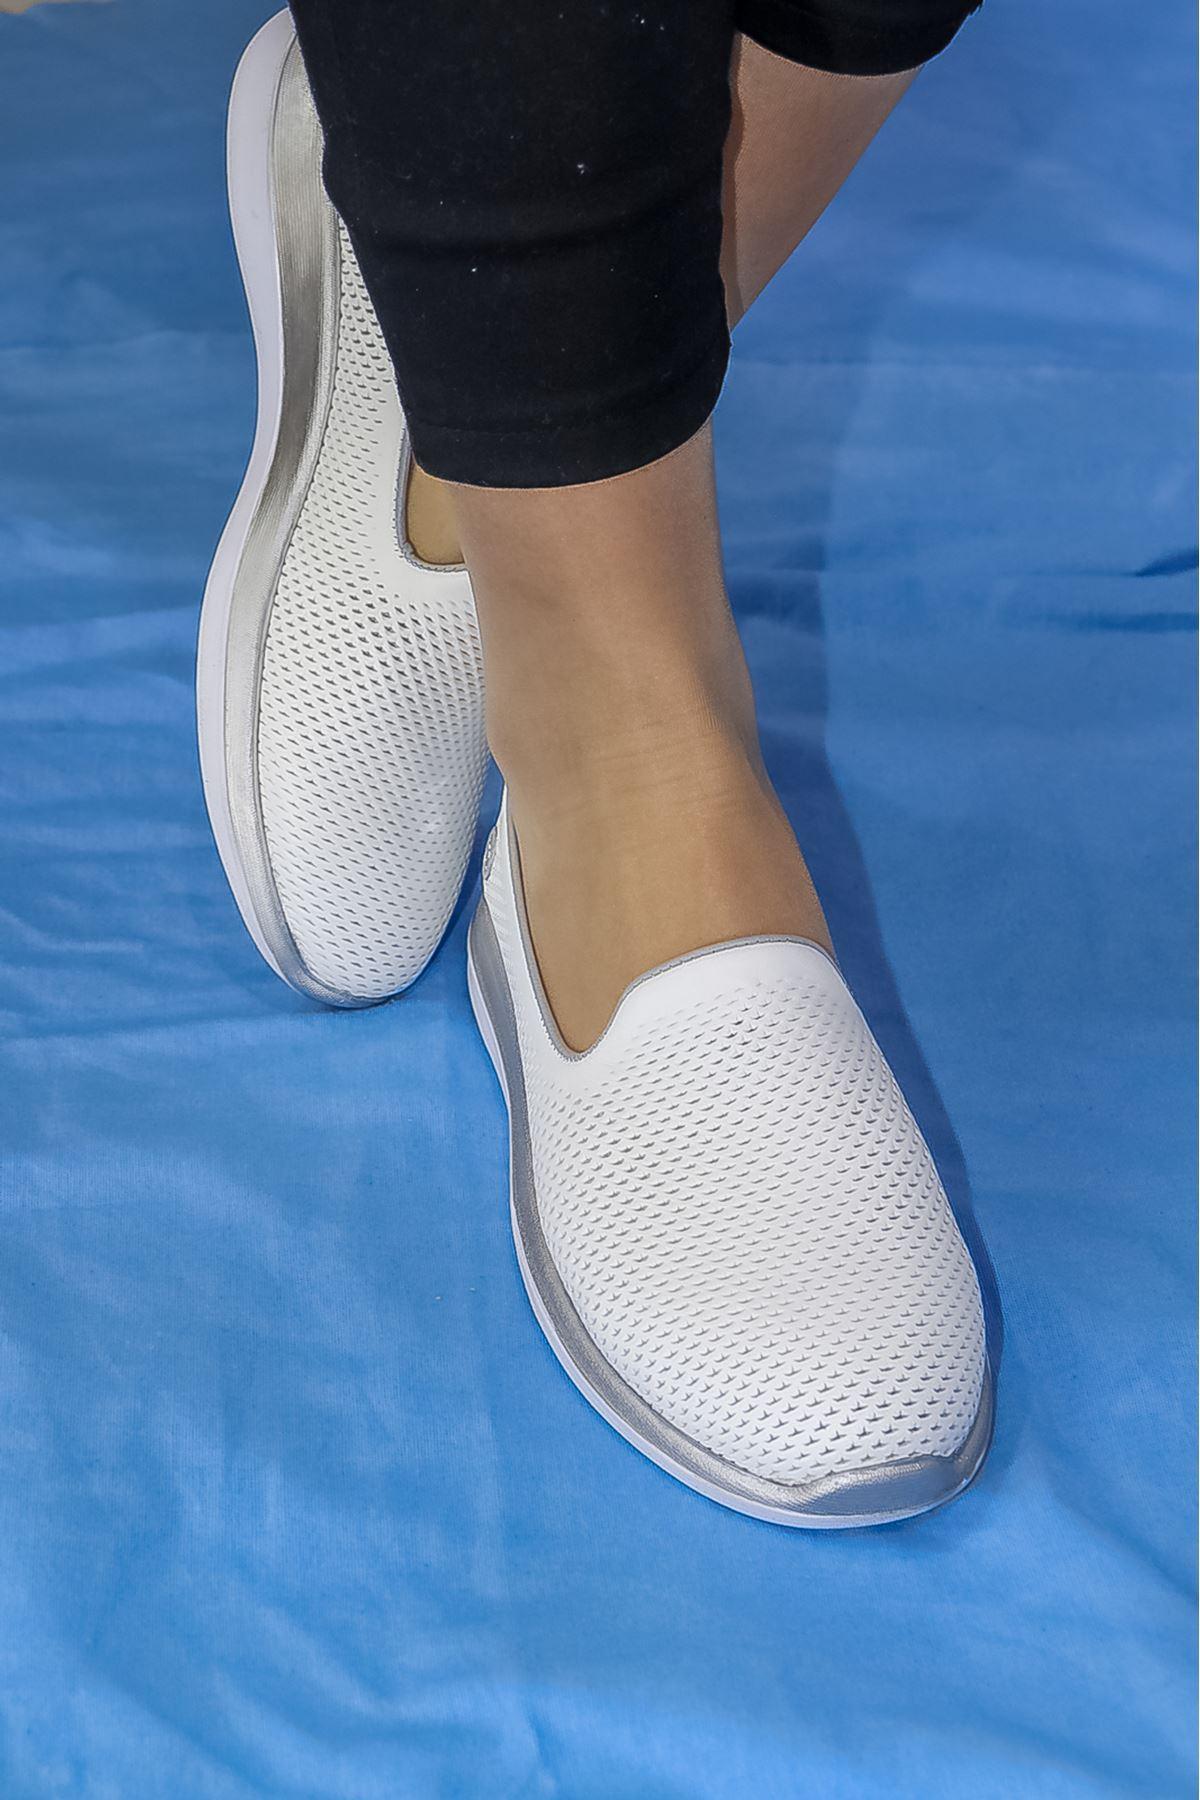 Mammamia - D21YA - 305-B Beyaz Ortopedik Kadın Ayakkabısı